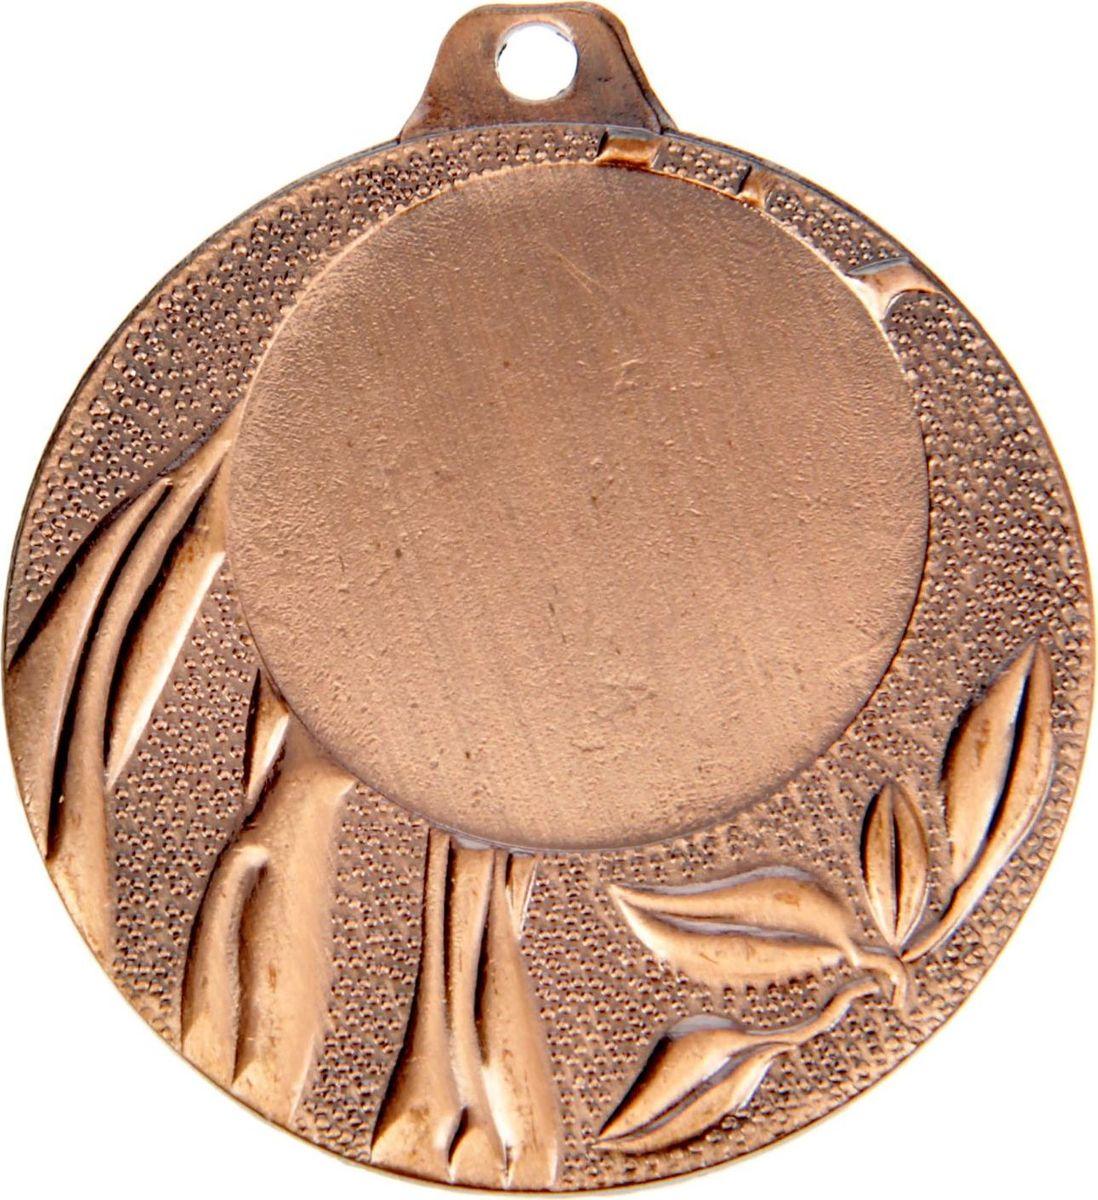 Медаль сувенирная с местом для гравировки, цвет: бронзовый, диаметр 4 см. 0491387717Пусть любая победа будет отмечена соответствующей наградой! Медаль — знак отличия, которым награждают самых достойных. Она вручается лишь тем, кто проявил настойчивость и волю к победе. Каждое достижение — это важное событие, которое должно остаться в памяти на долгие годы. изготовлена из металла, в комплект входит лента цвета триколор, являющегося одним из государственных символов России. Характеристики: Диаметр медали: 4 см Диаметр вкладыша (лицо): 2,5 см Диаметр вкладыша (оборот): 3,5 см